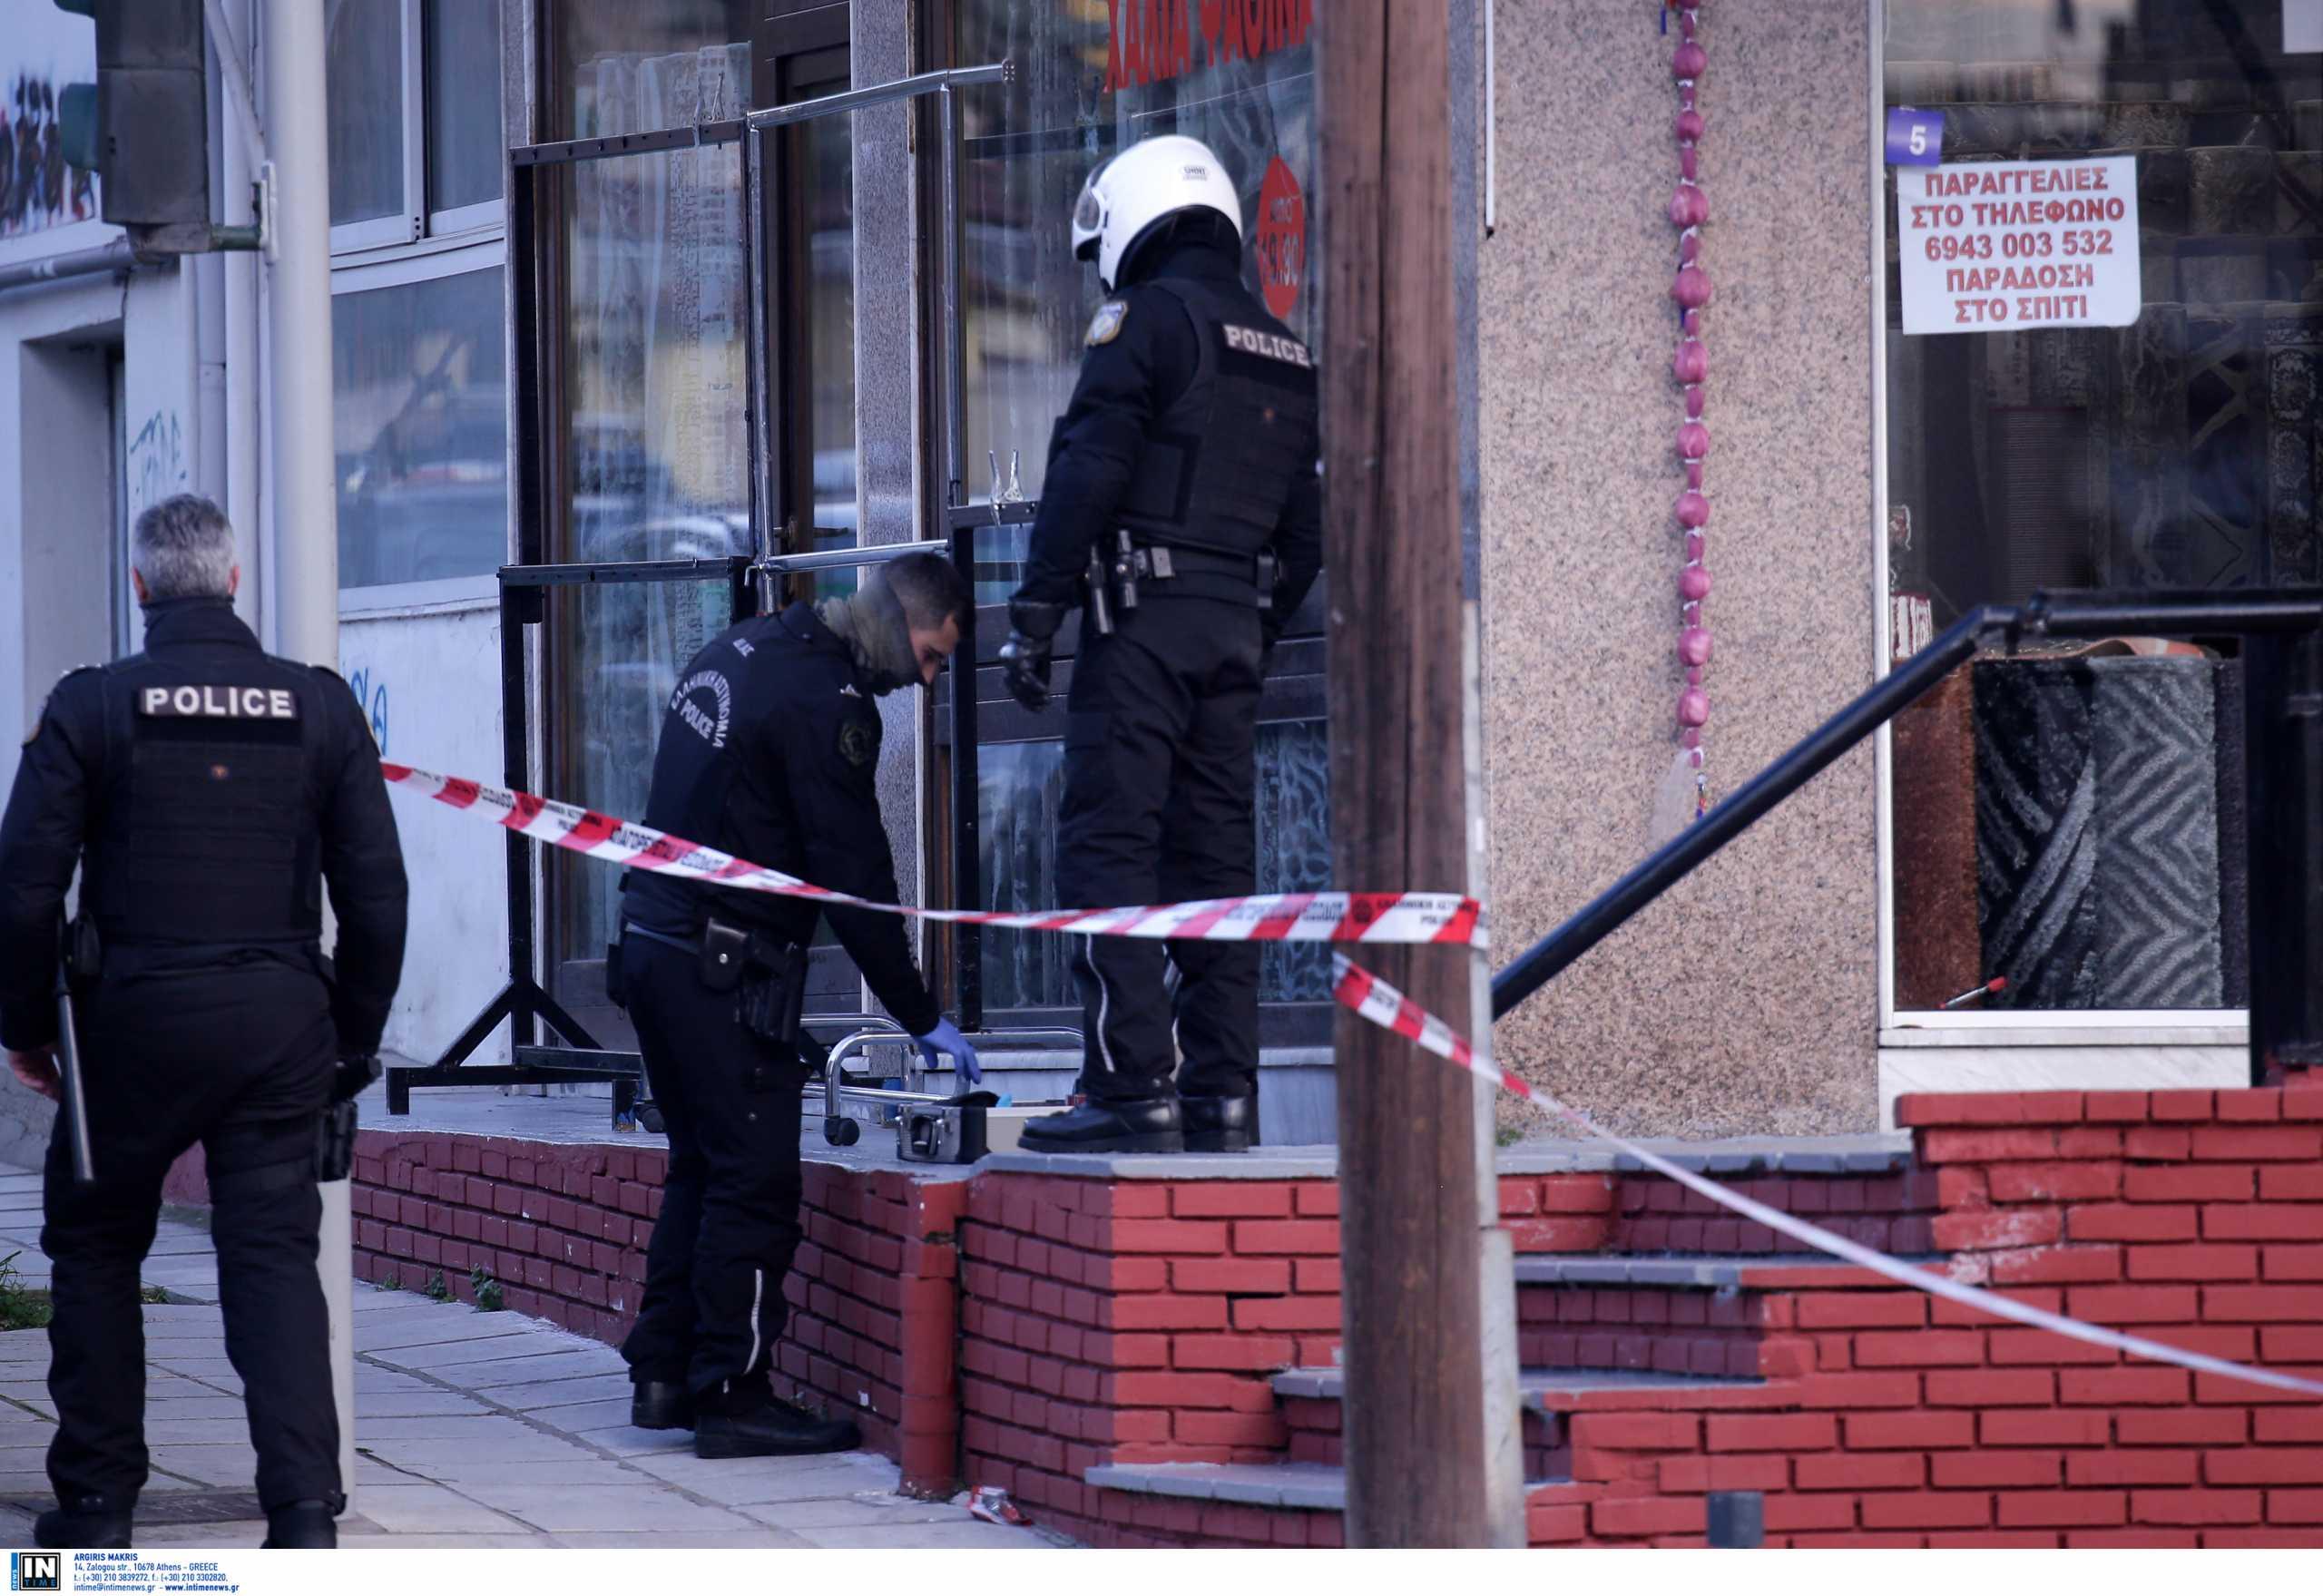 Βρέθηκαν οι δύο τραυματίες που είχαν «εξαφανιστεί» μετά τους πυροβολισμούς στη Θεσσαλονίκη